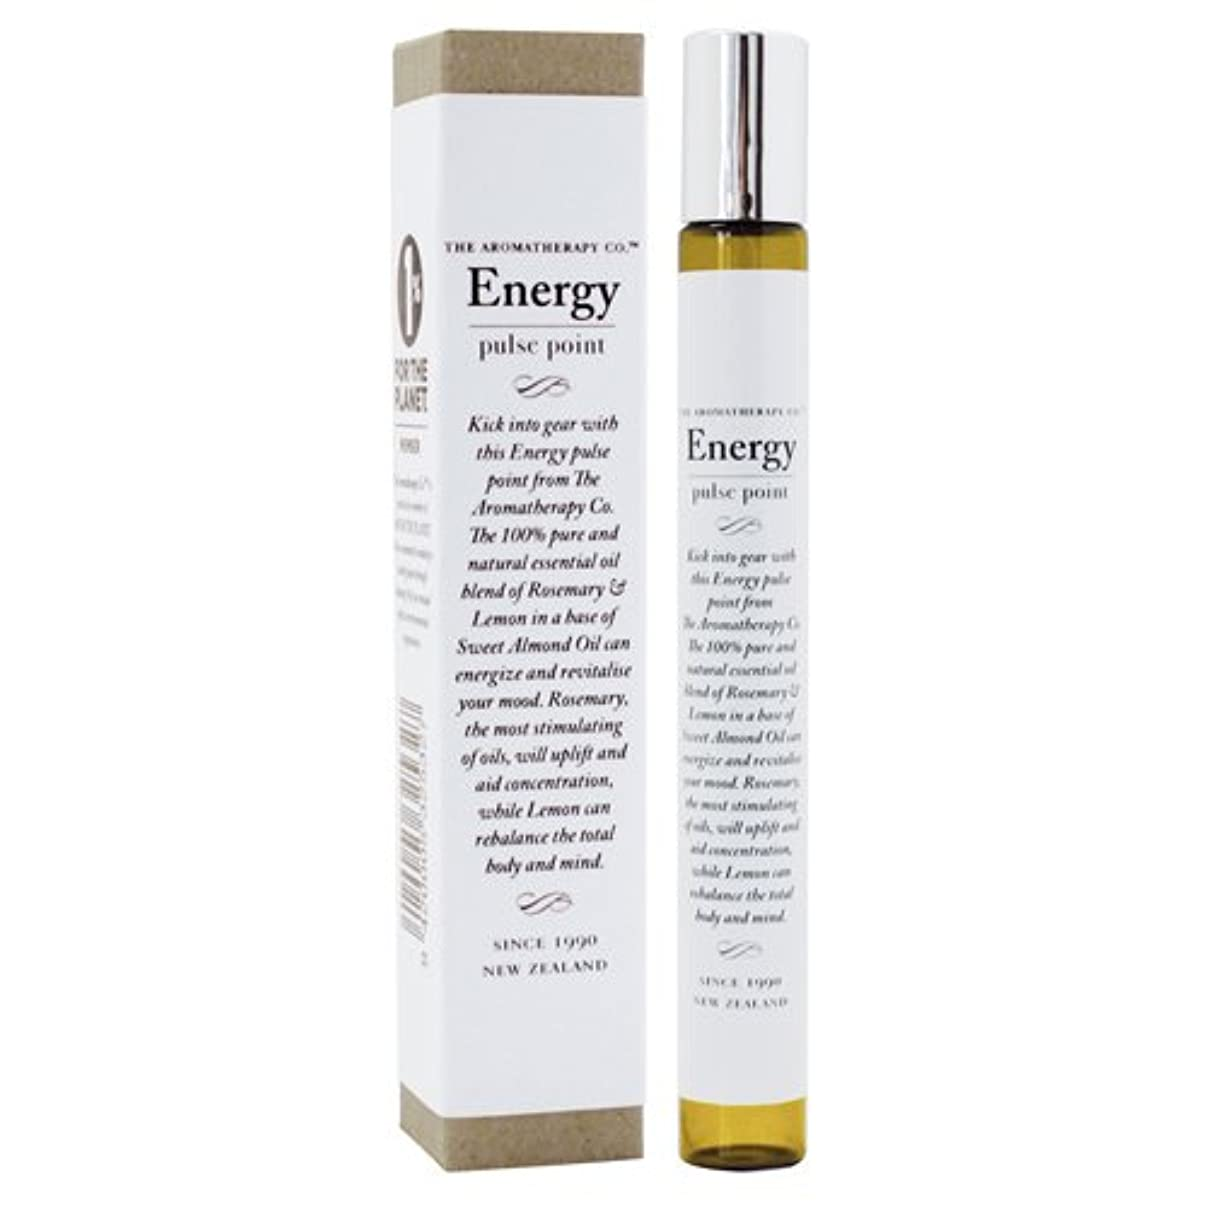 ブレス小数理由Therapy Range セラピーレンジ Pulse Pointパルスポイント Energyエナジー